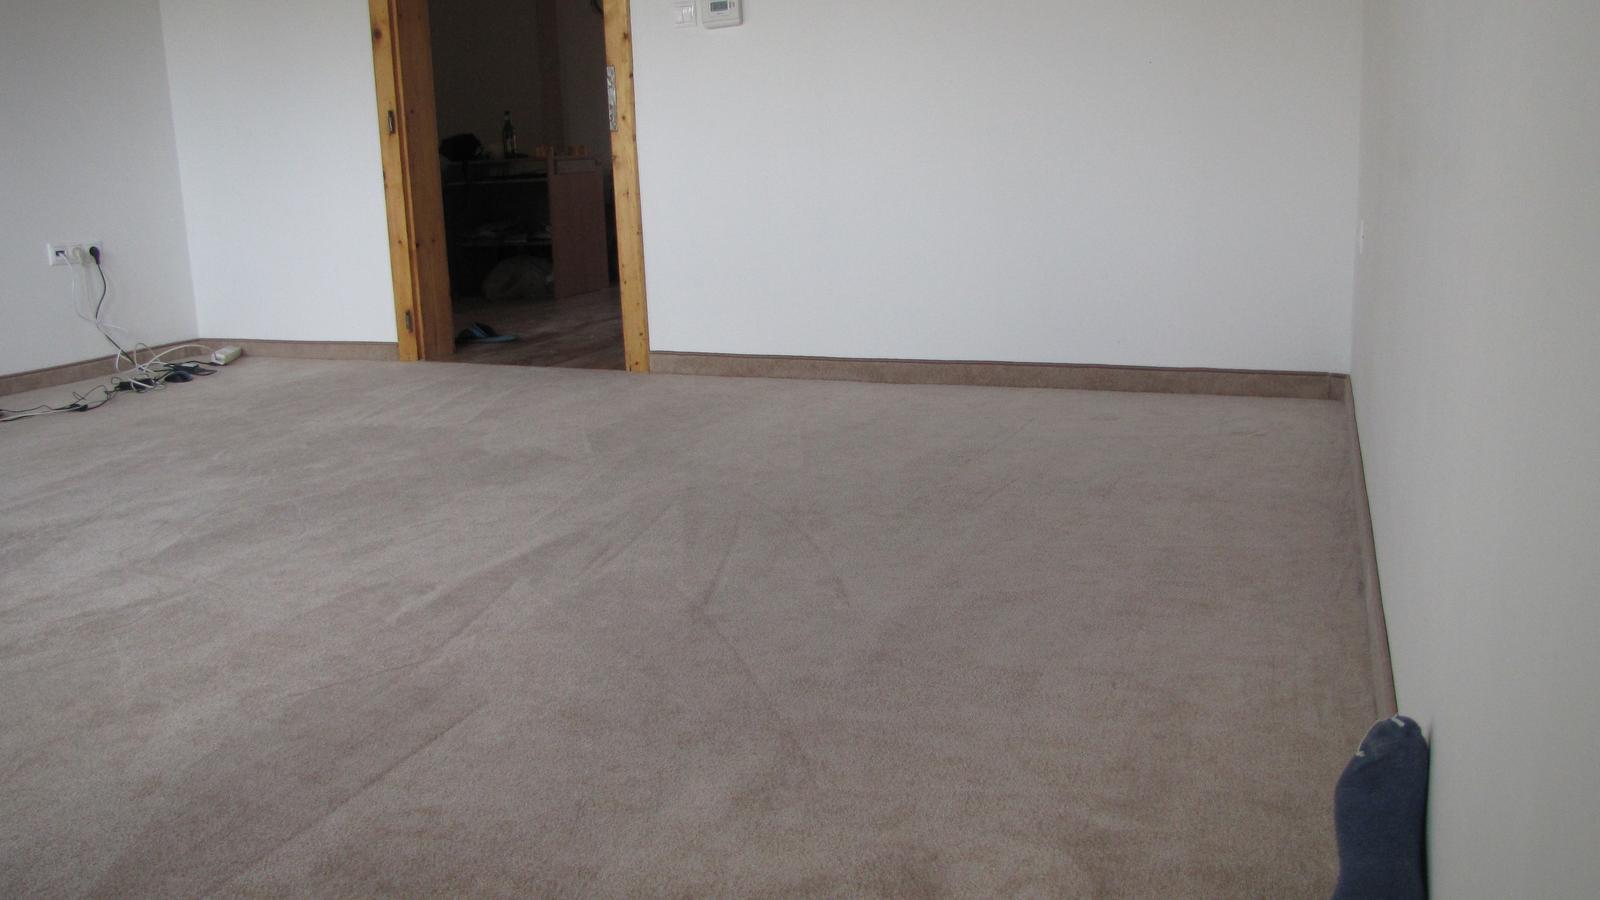 Rekonštrukcia starého domčeka - Konečne som dnes nahodil koberec ktorý som kúpil v októbri